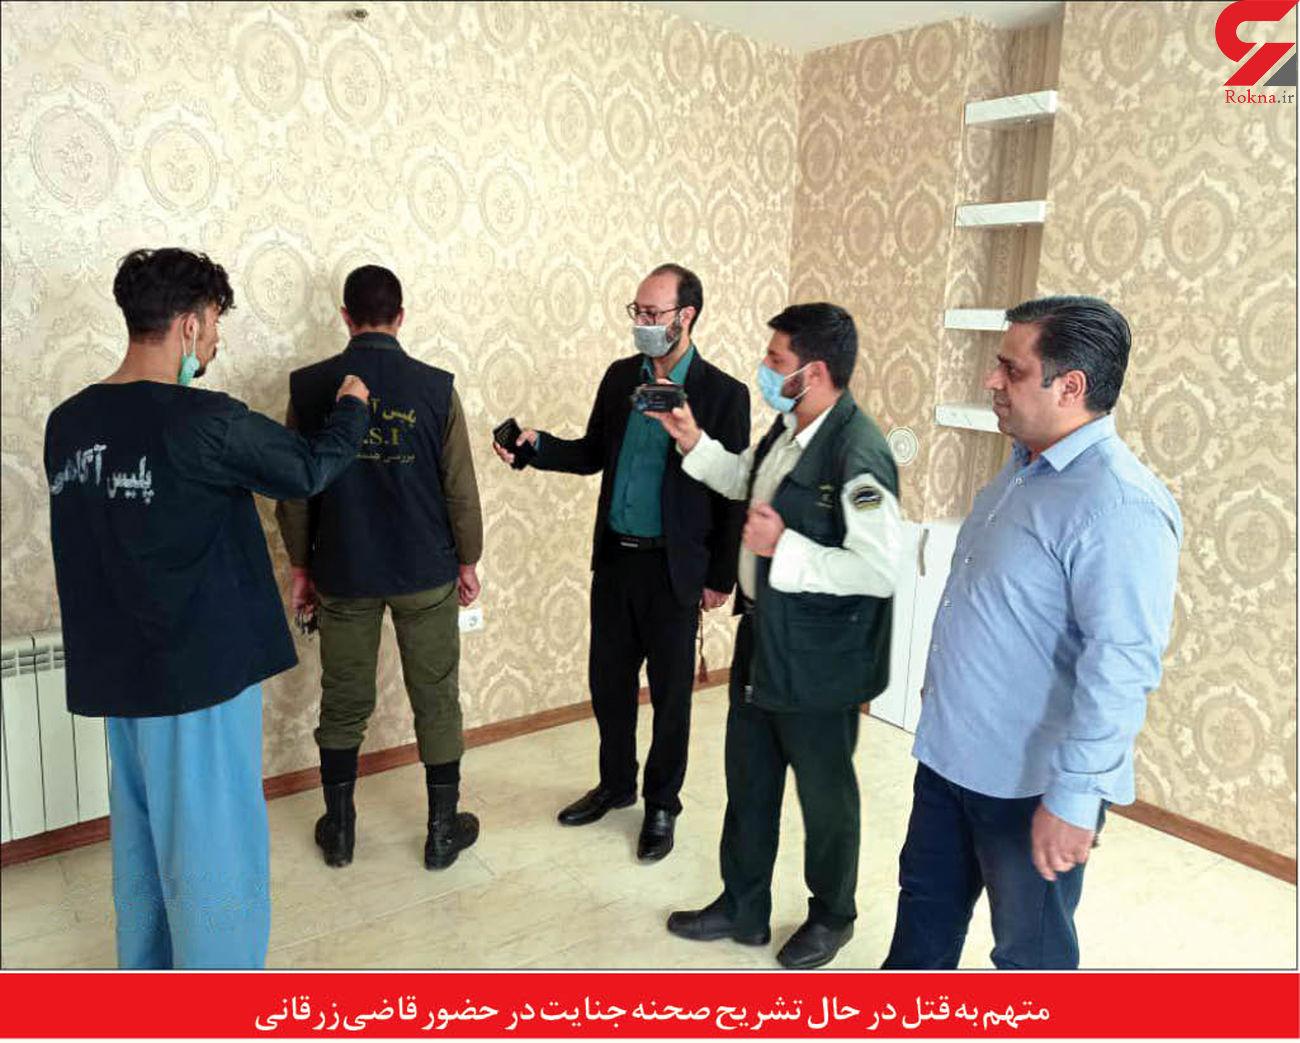 عکس خواستگار قاتل در محل جنایت / جزئیات اعتراف به قتل 2 زن جوان مشهدی